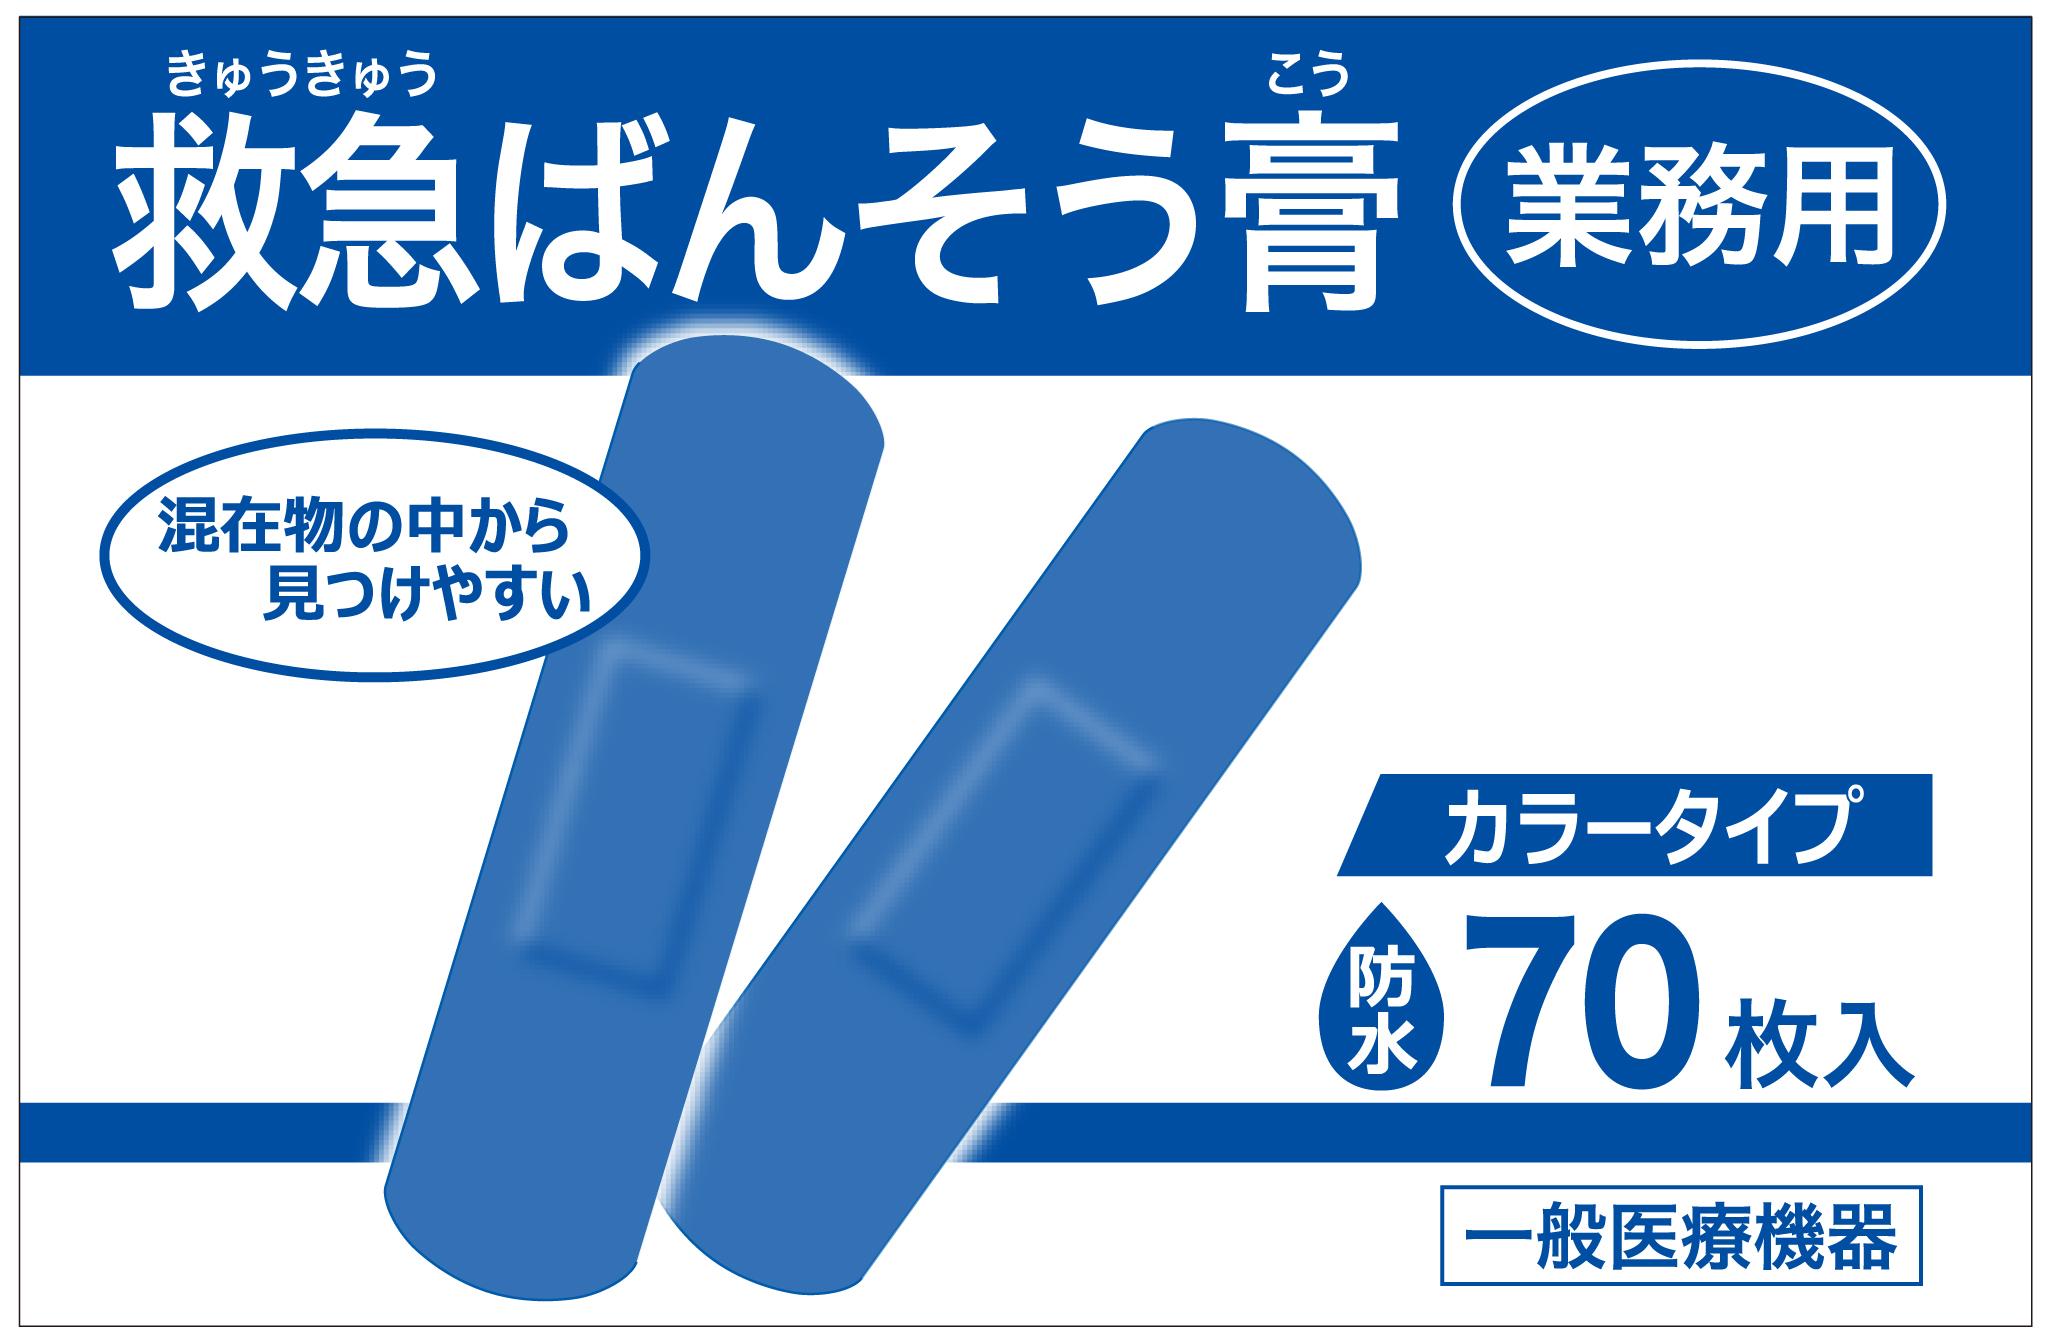 救急薬品 健康食品 医薬品 共立薬品工業株式会社/救急ばんそう膏 カラータイプ70枚入ブルー